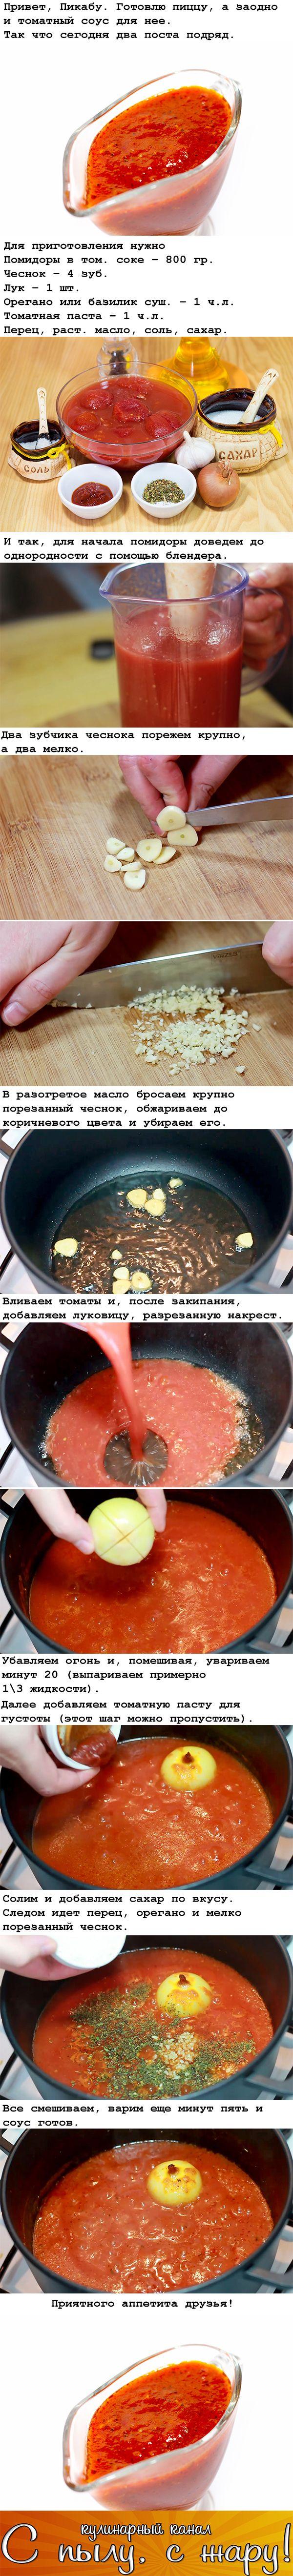 Томатный соус для пиццы еда, рецепт, кулинария, с пылу с жару, соус, томатный, видео, длиннопост